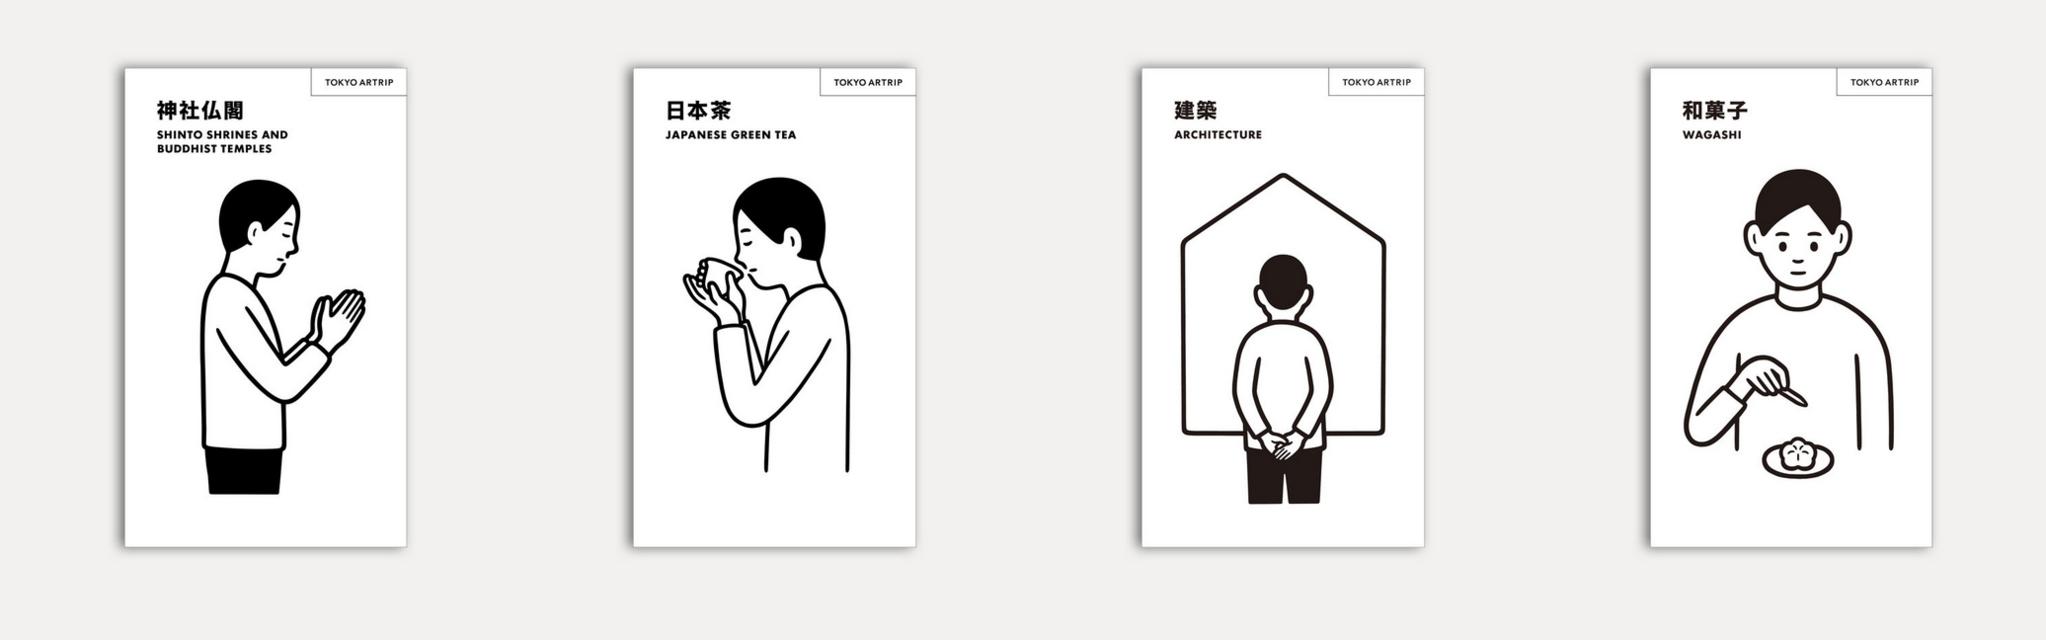 Tokyo Artrip boeken